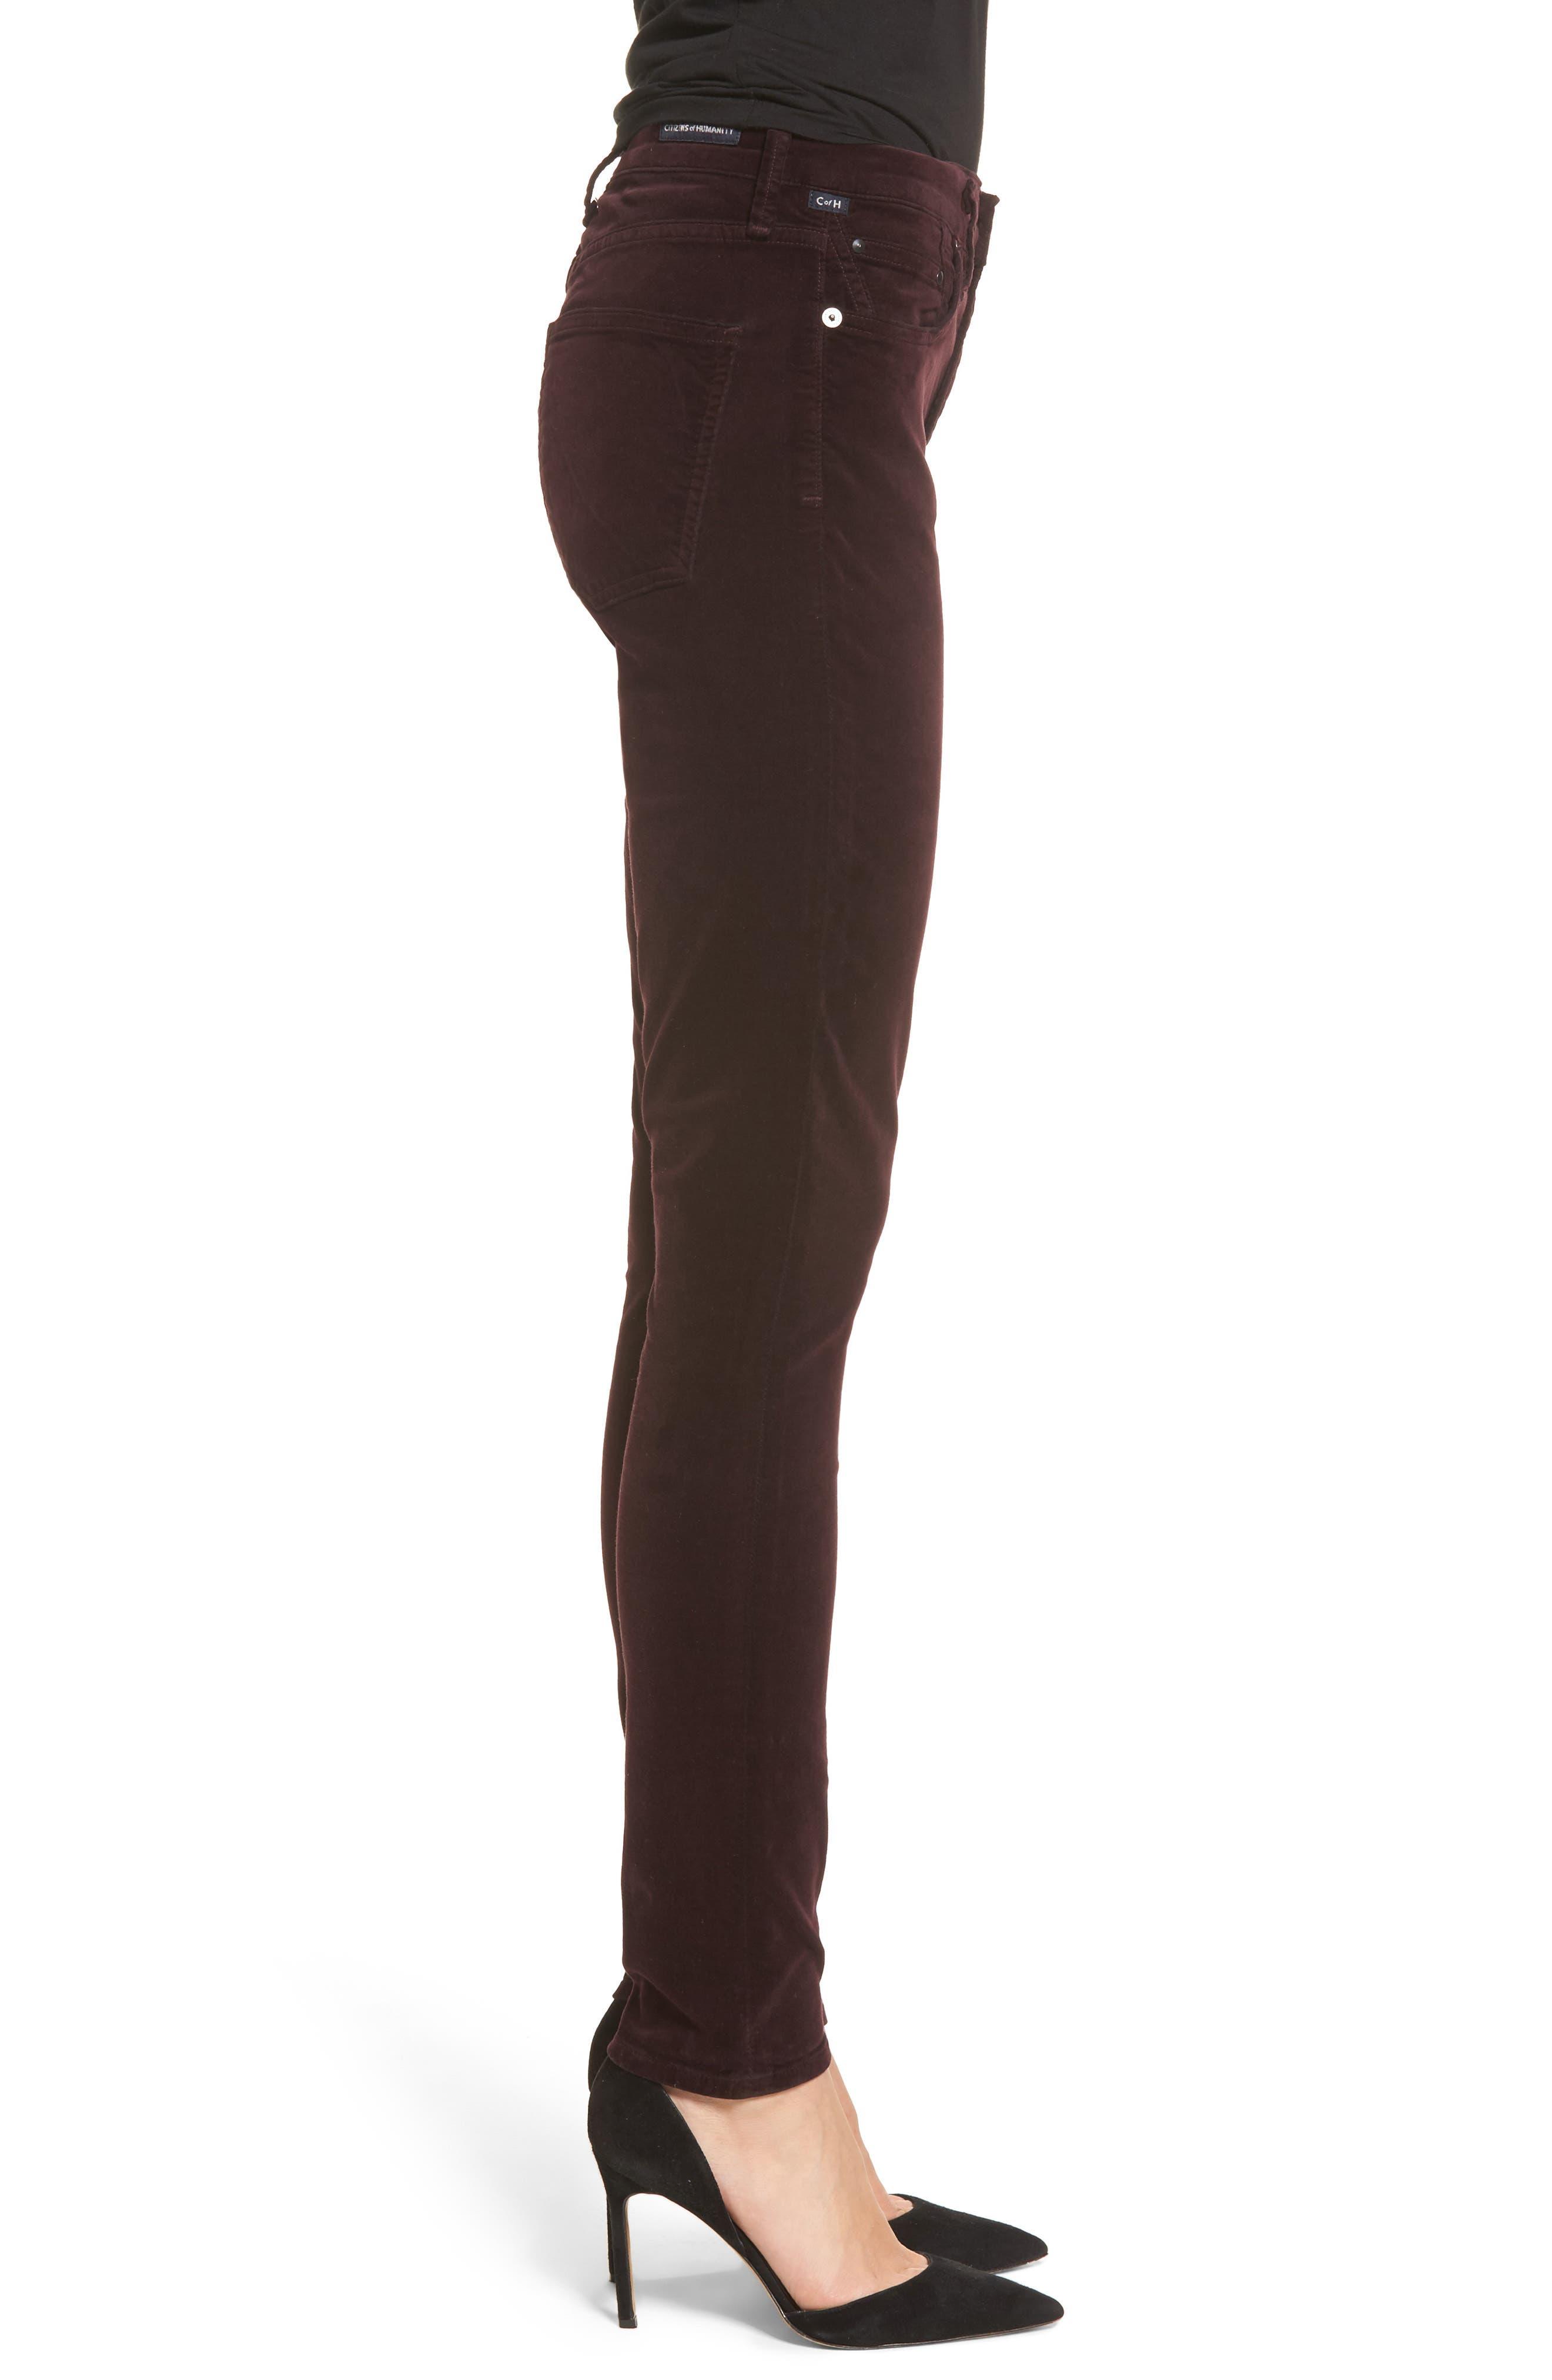 Rocket High Waist Velveteen Skinny Pants,                             Alternate thumbnail 3, color,                             Black Currant Velvet